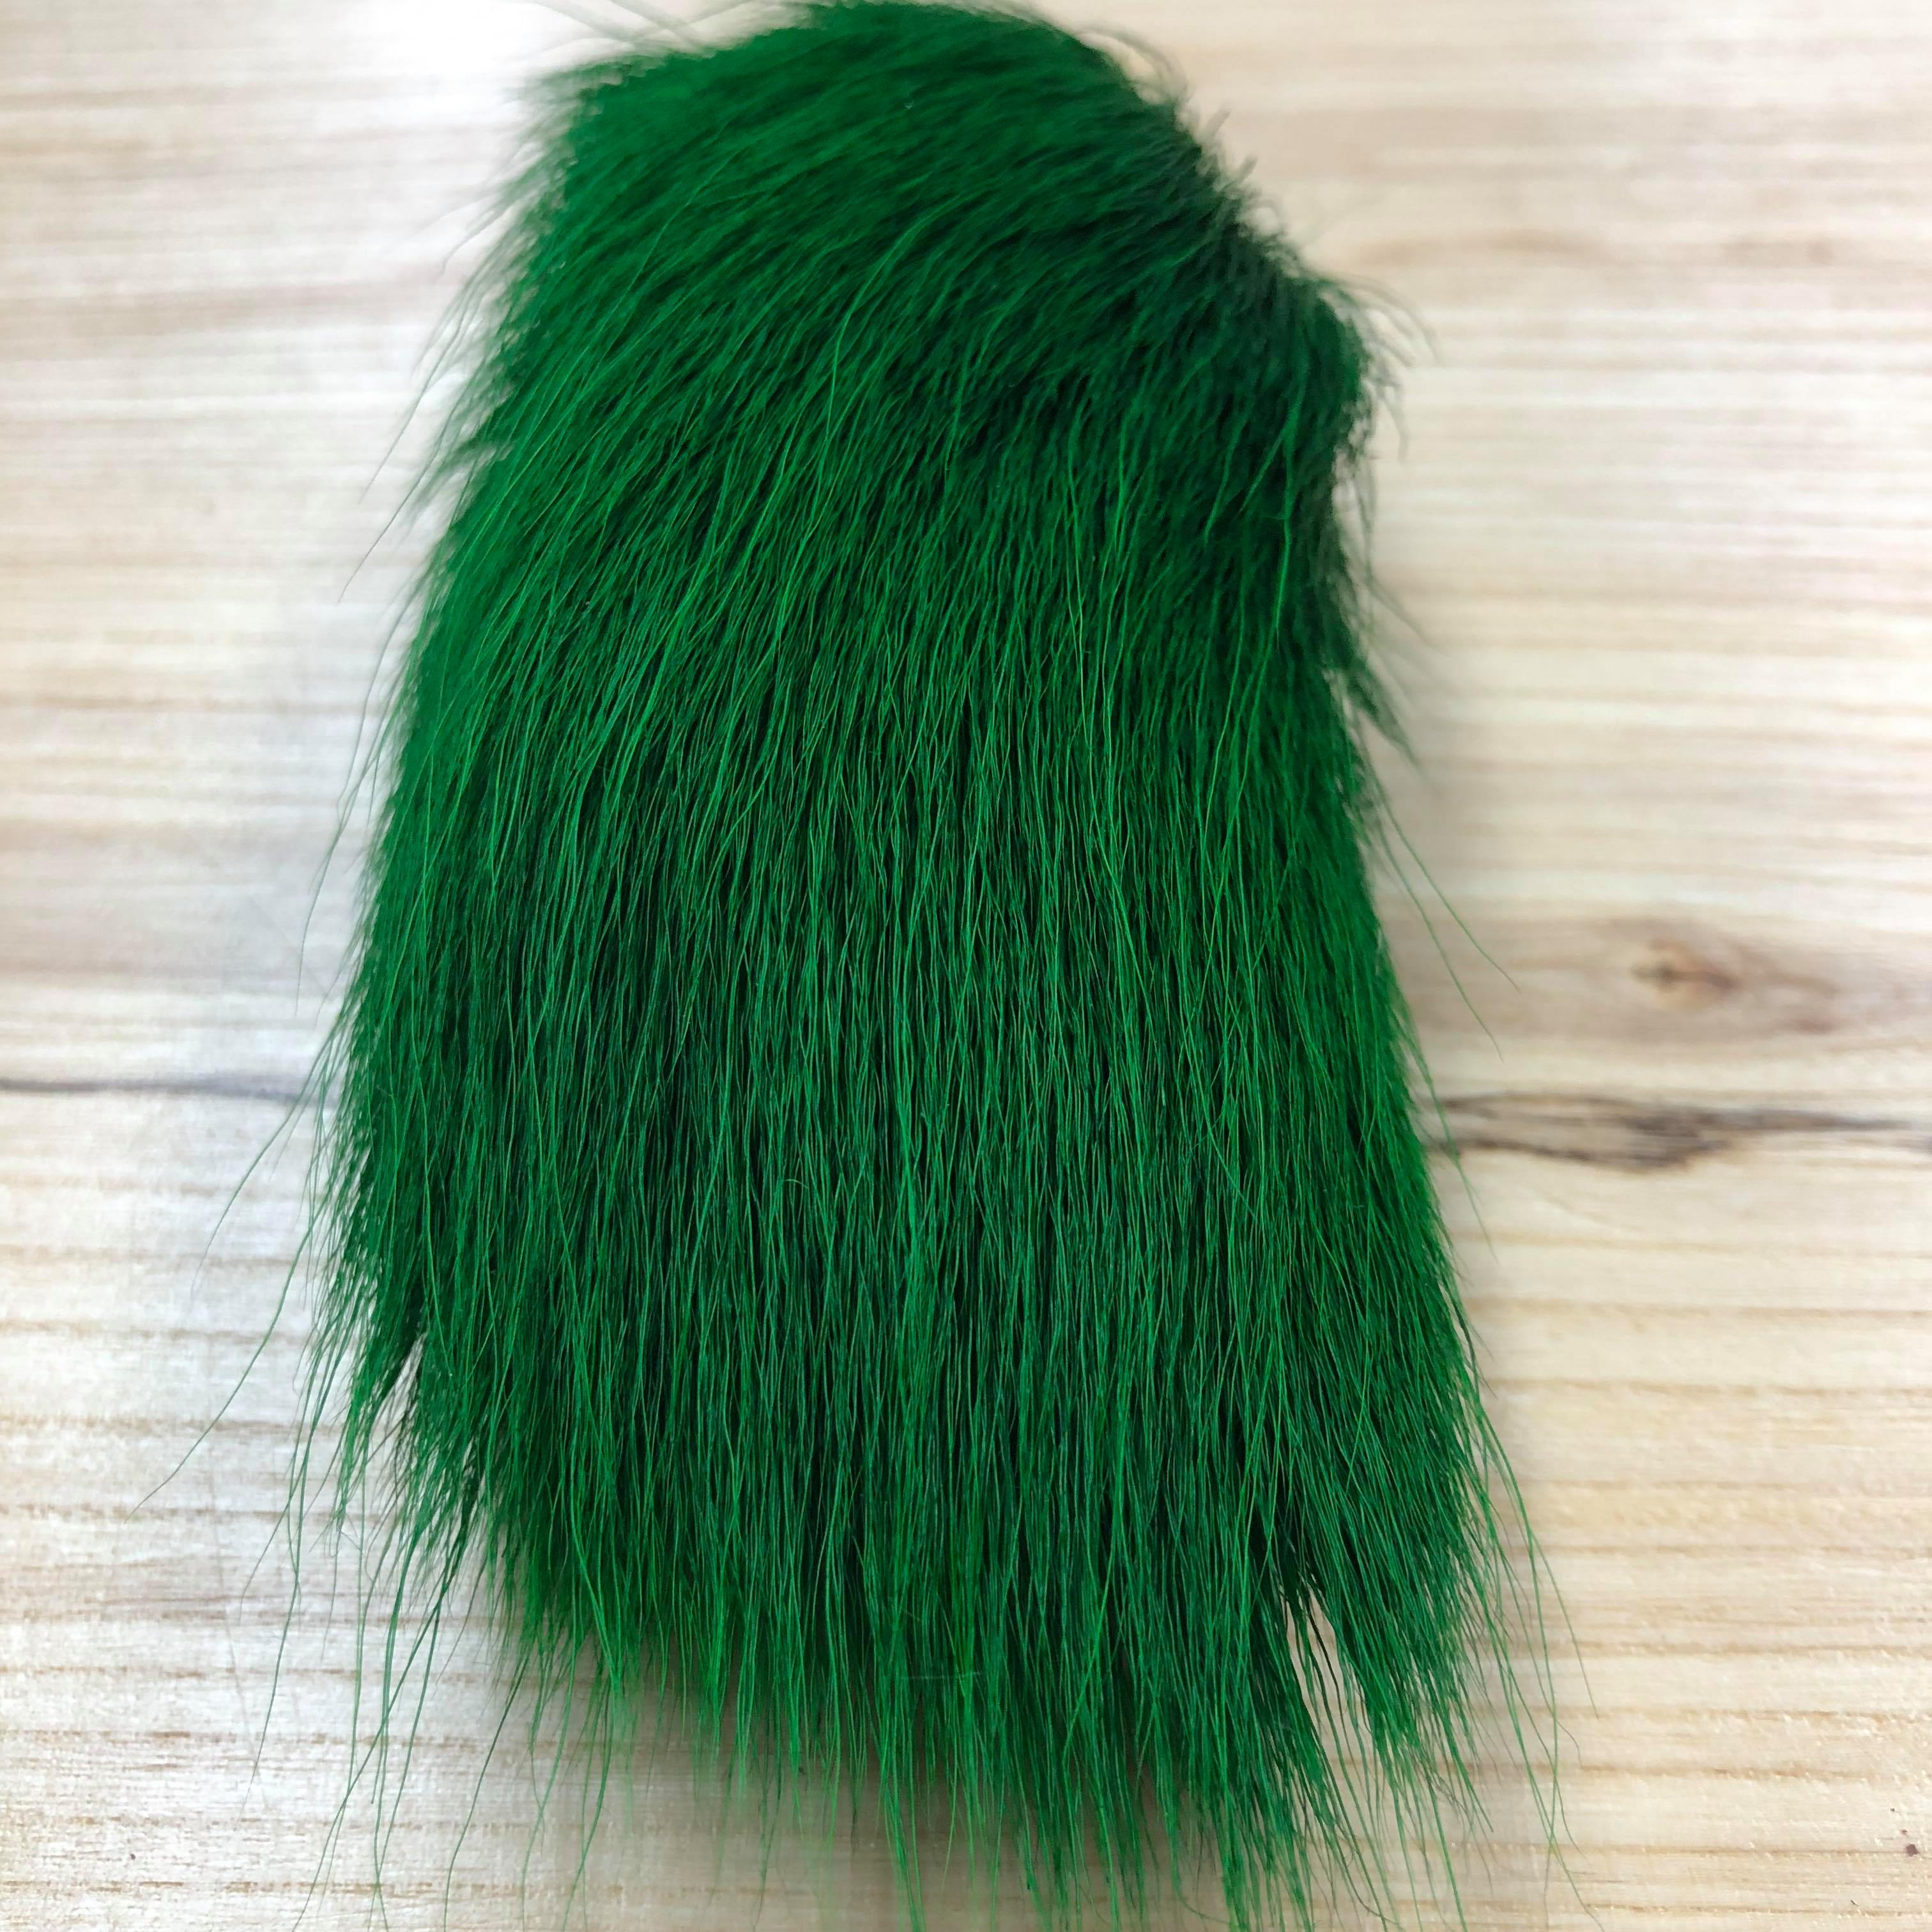 corps de chevreuil green